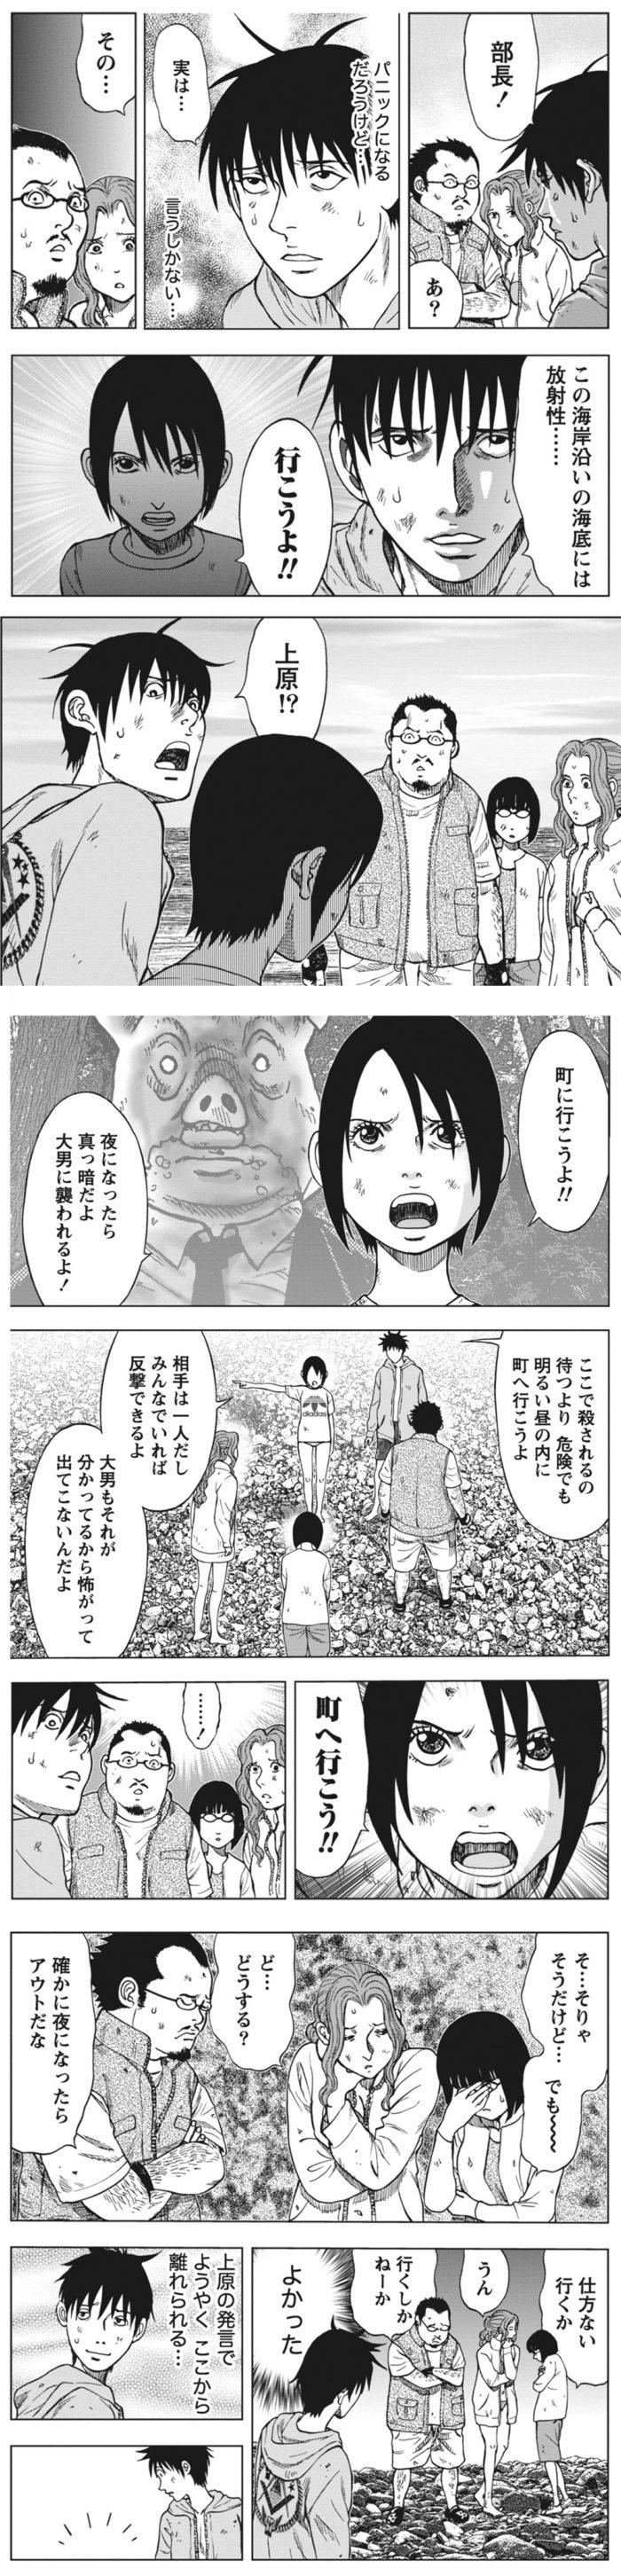 kichikujima03a-4